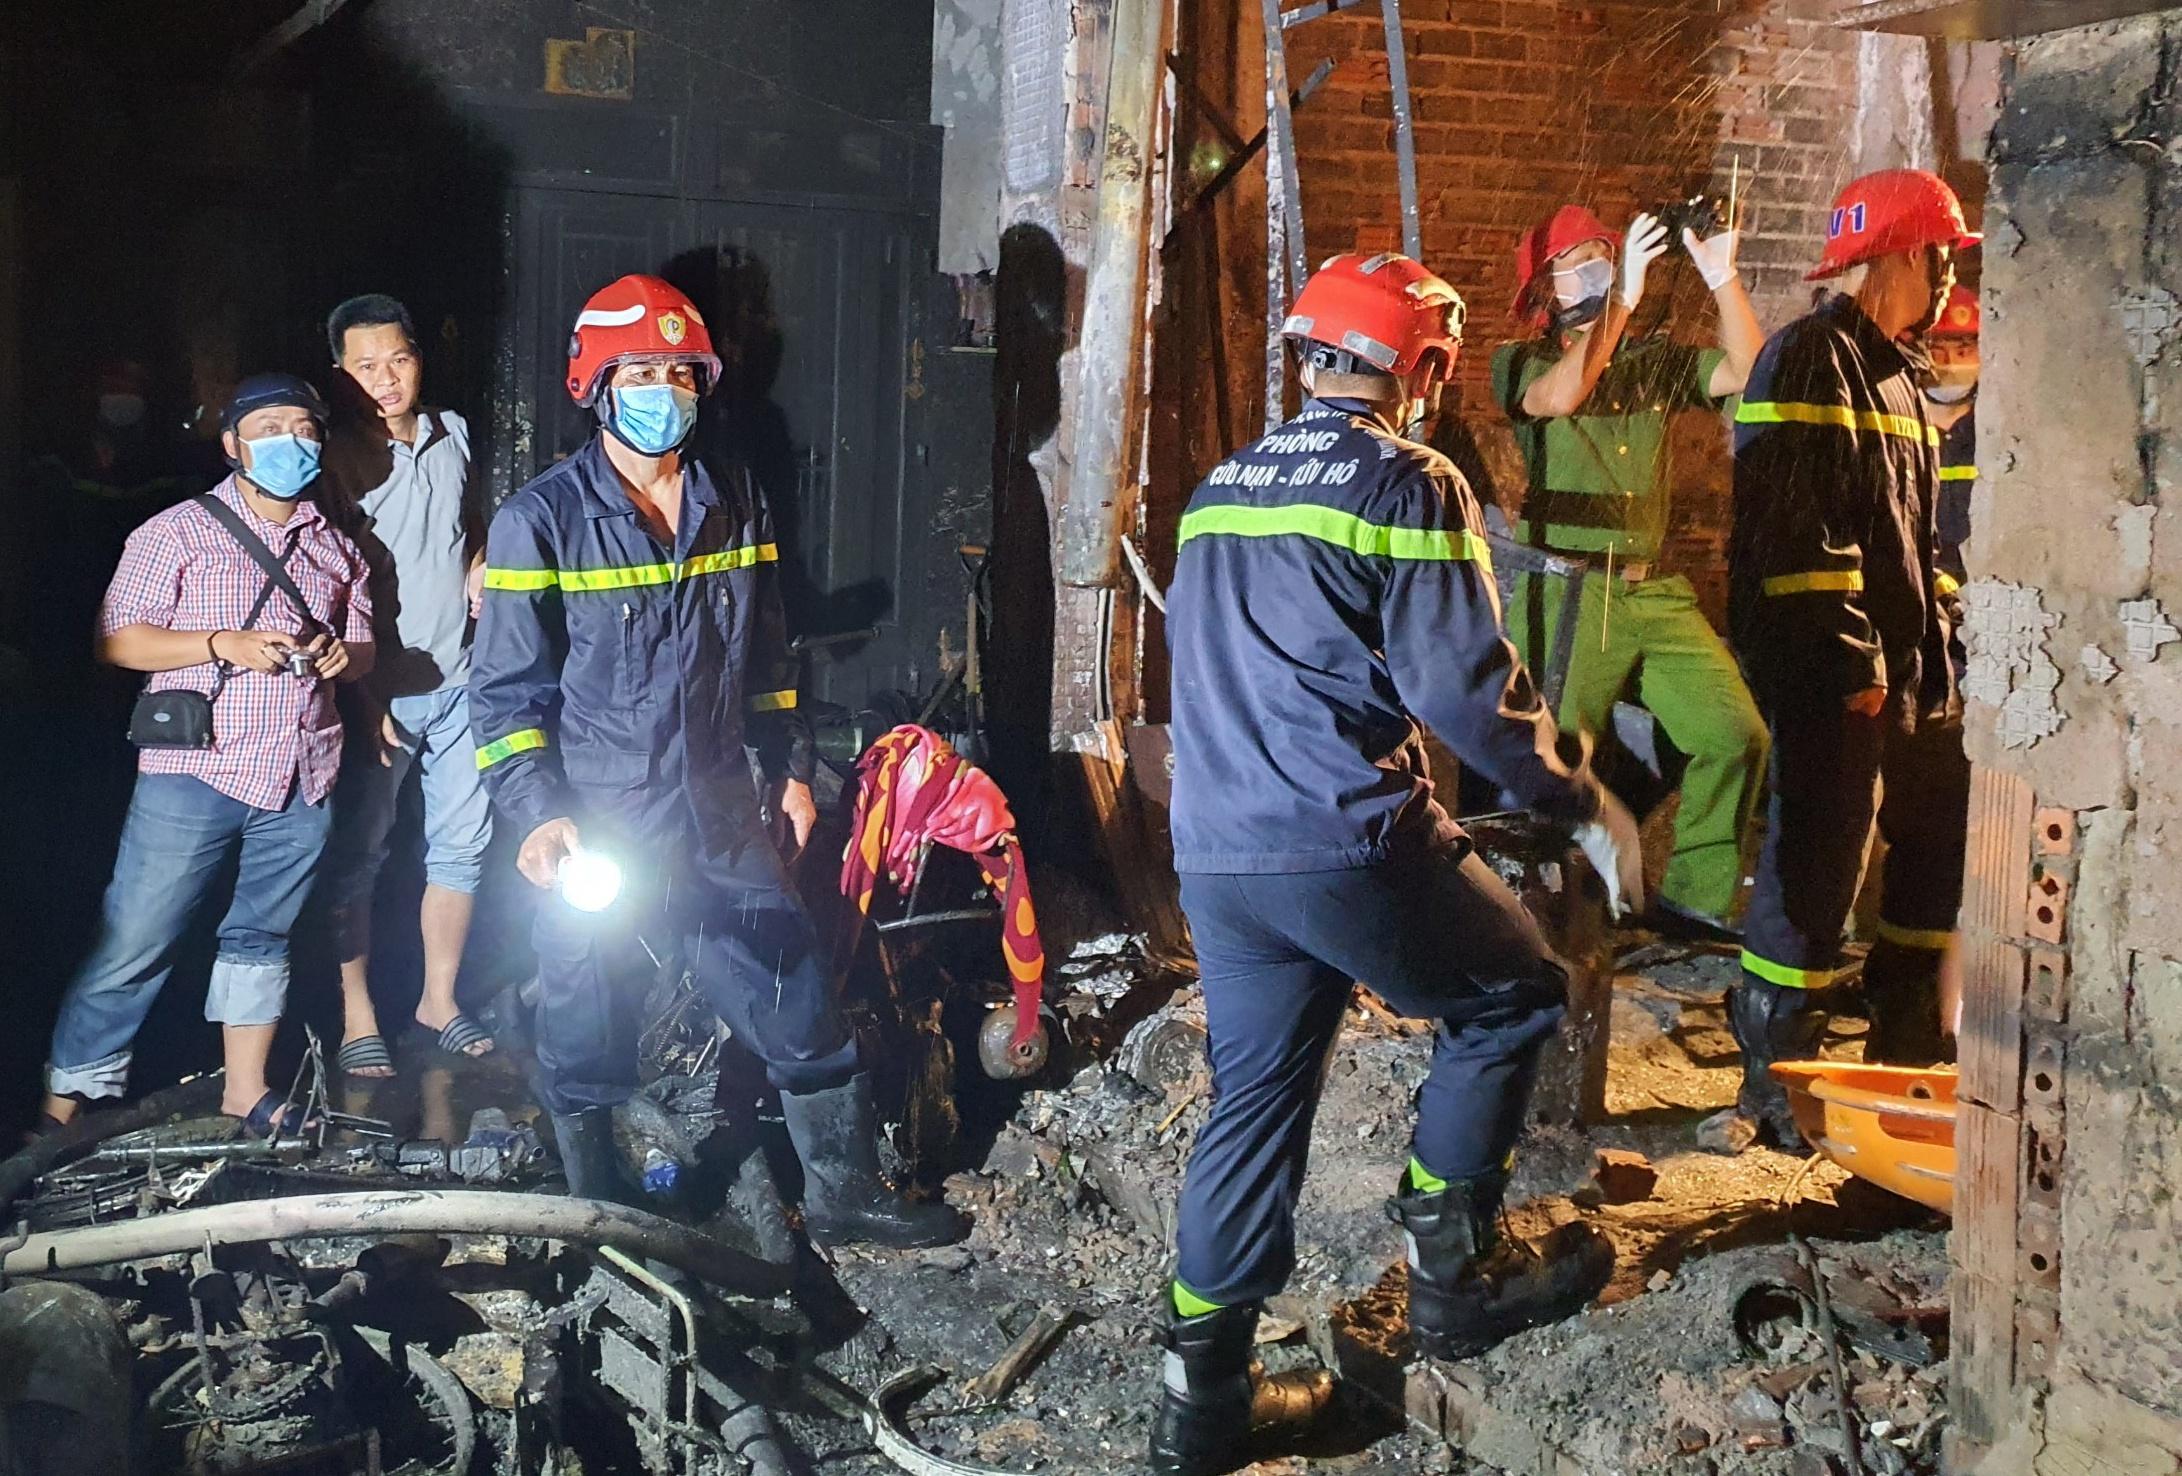 Xác định danh tính cô giáo trong vụ cháy nhà 8 người chết - Ảnh 1.